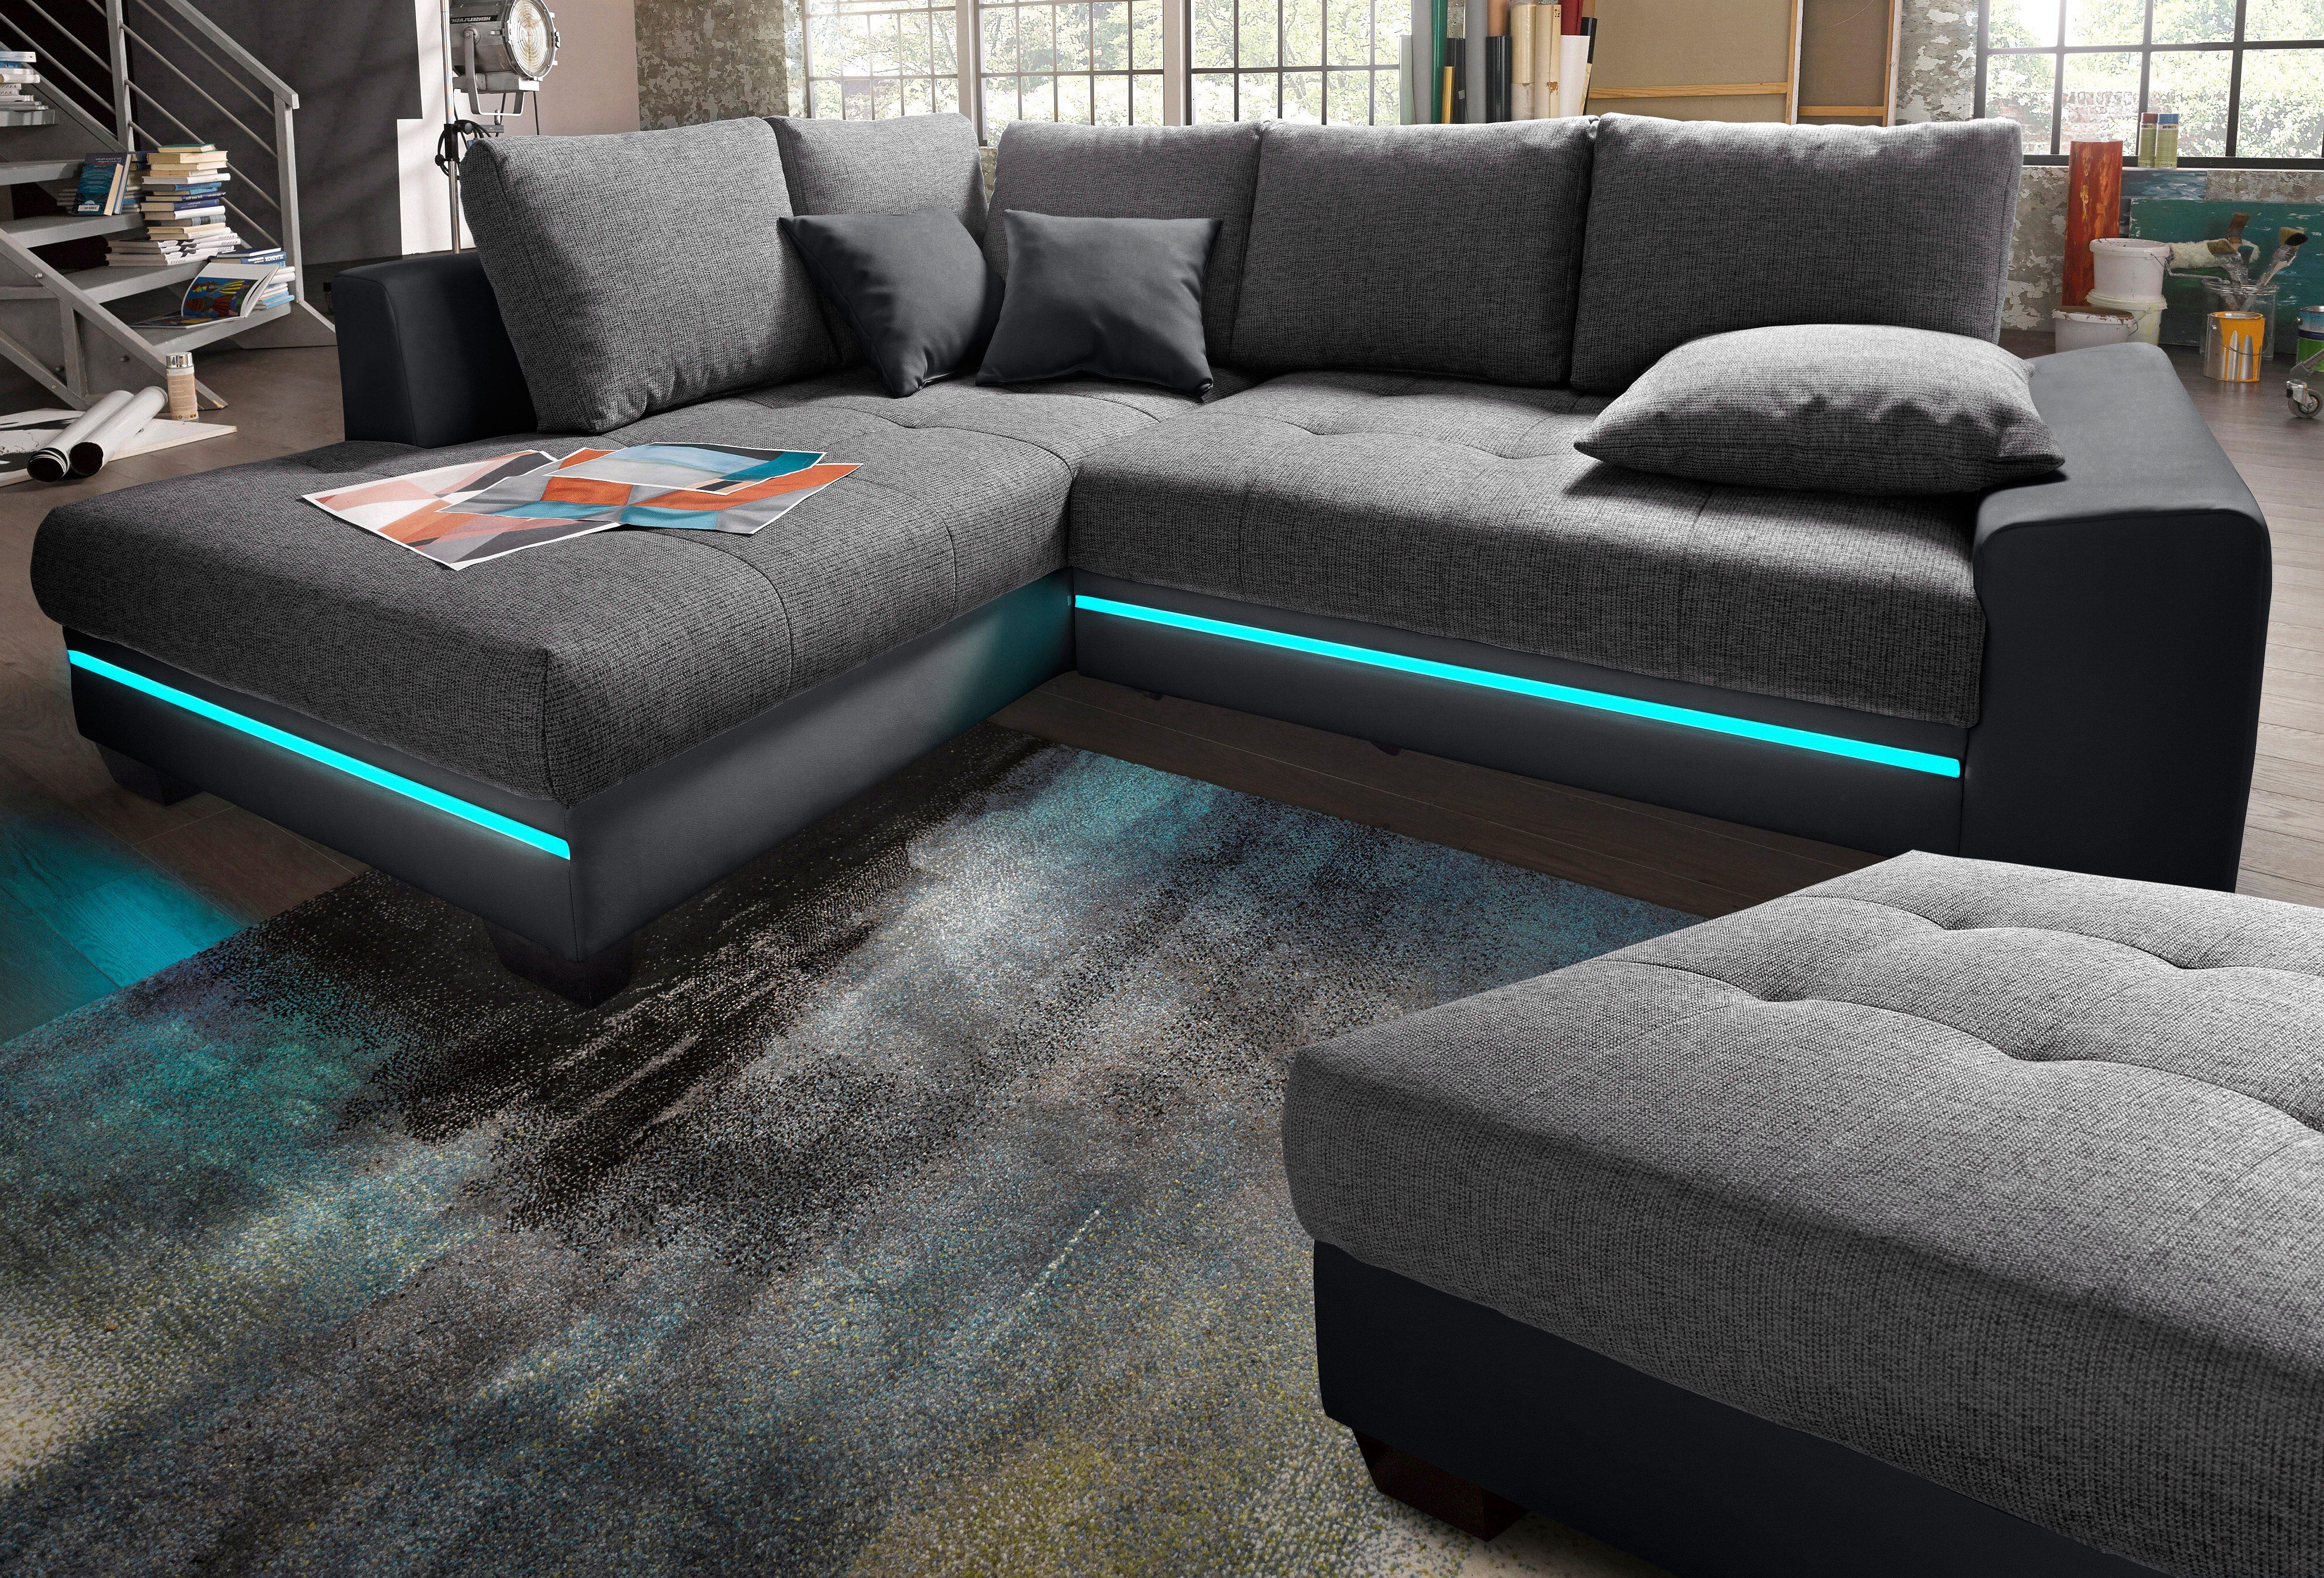 Nova Via Polsterecke Mit Beleuchtung, Wahlweise Mit Bluetooth Soundsystem